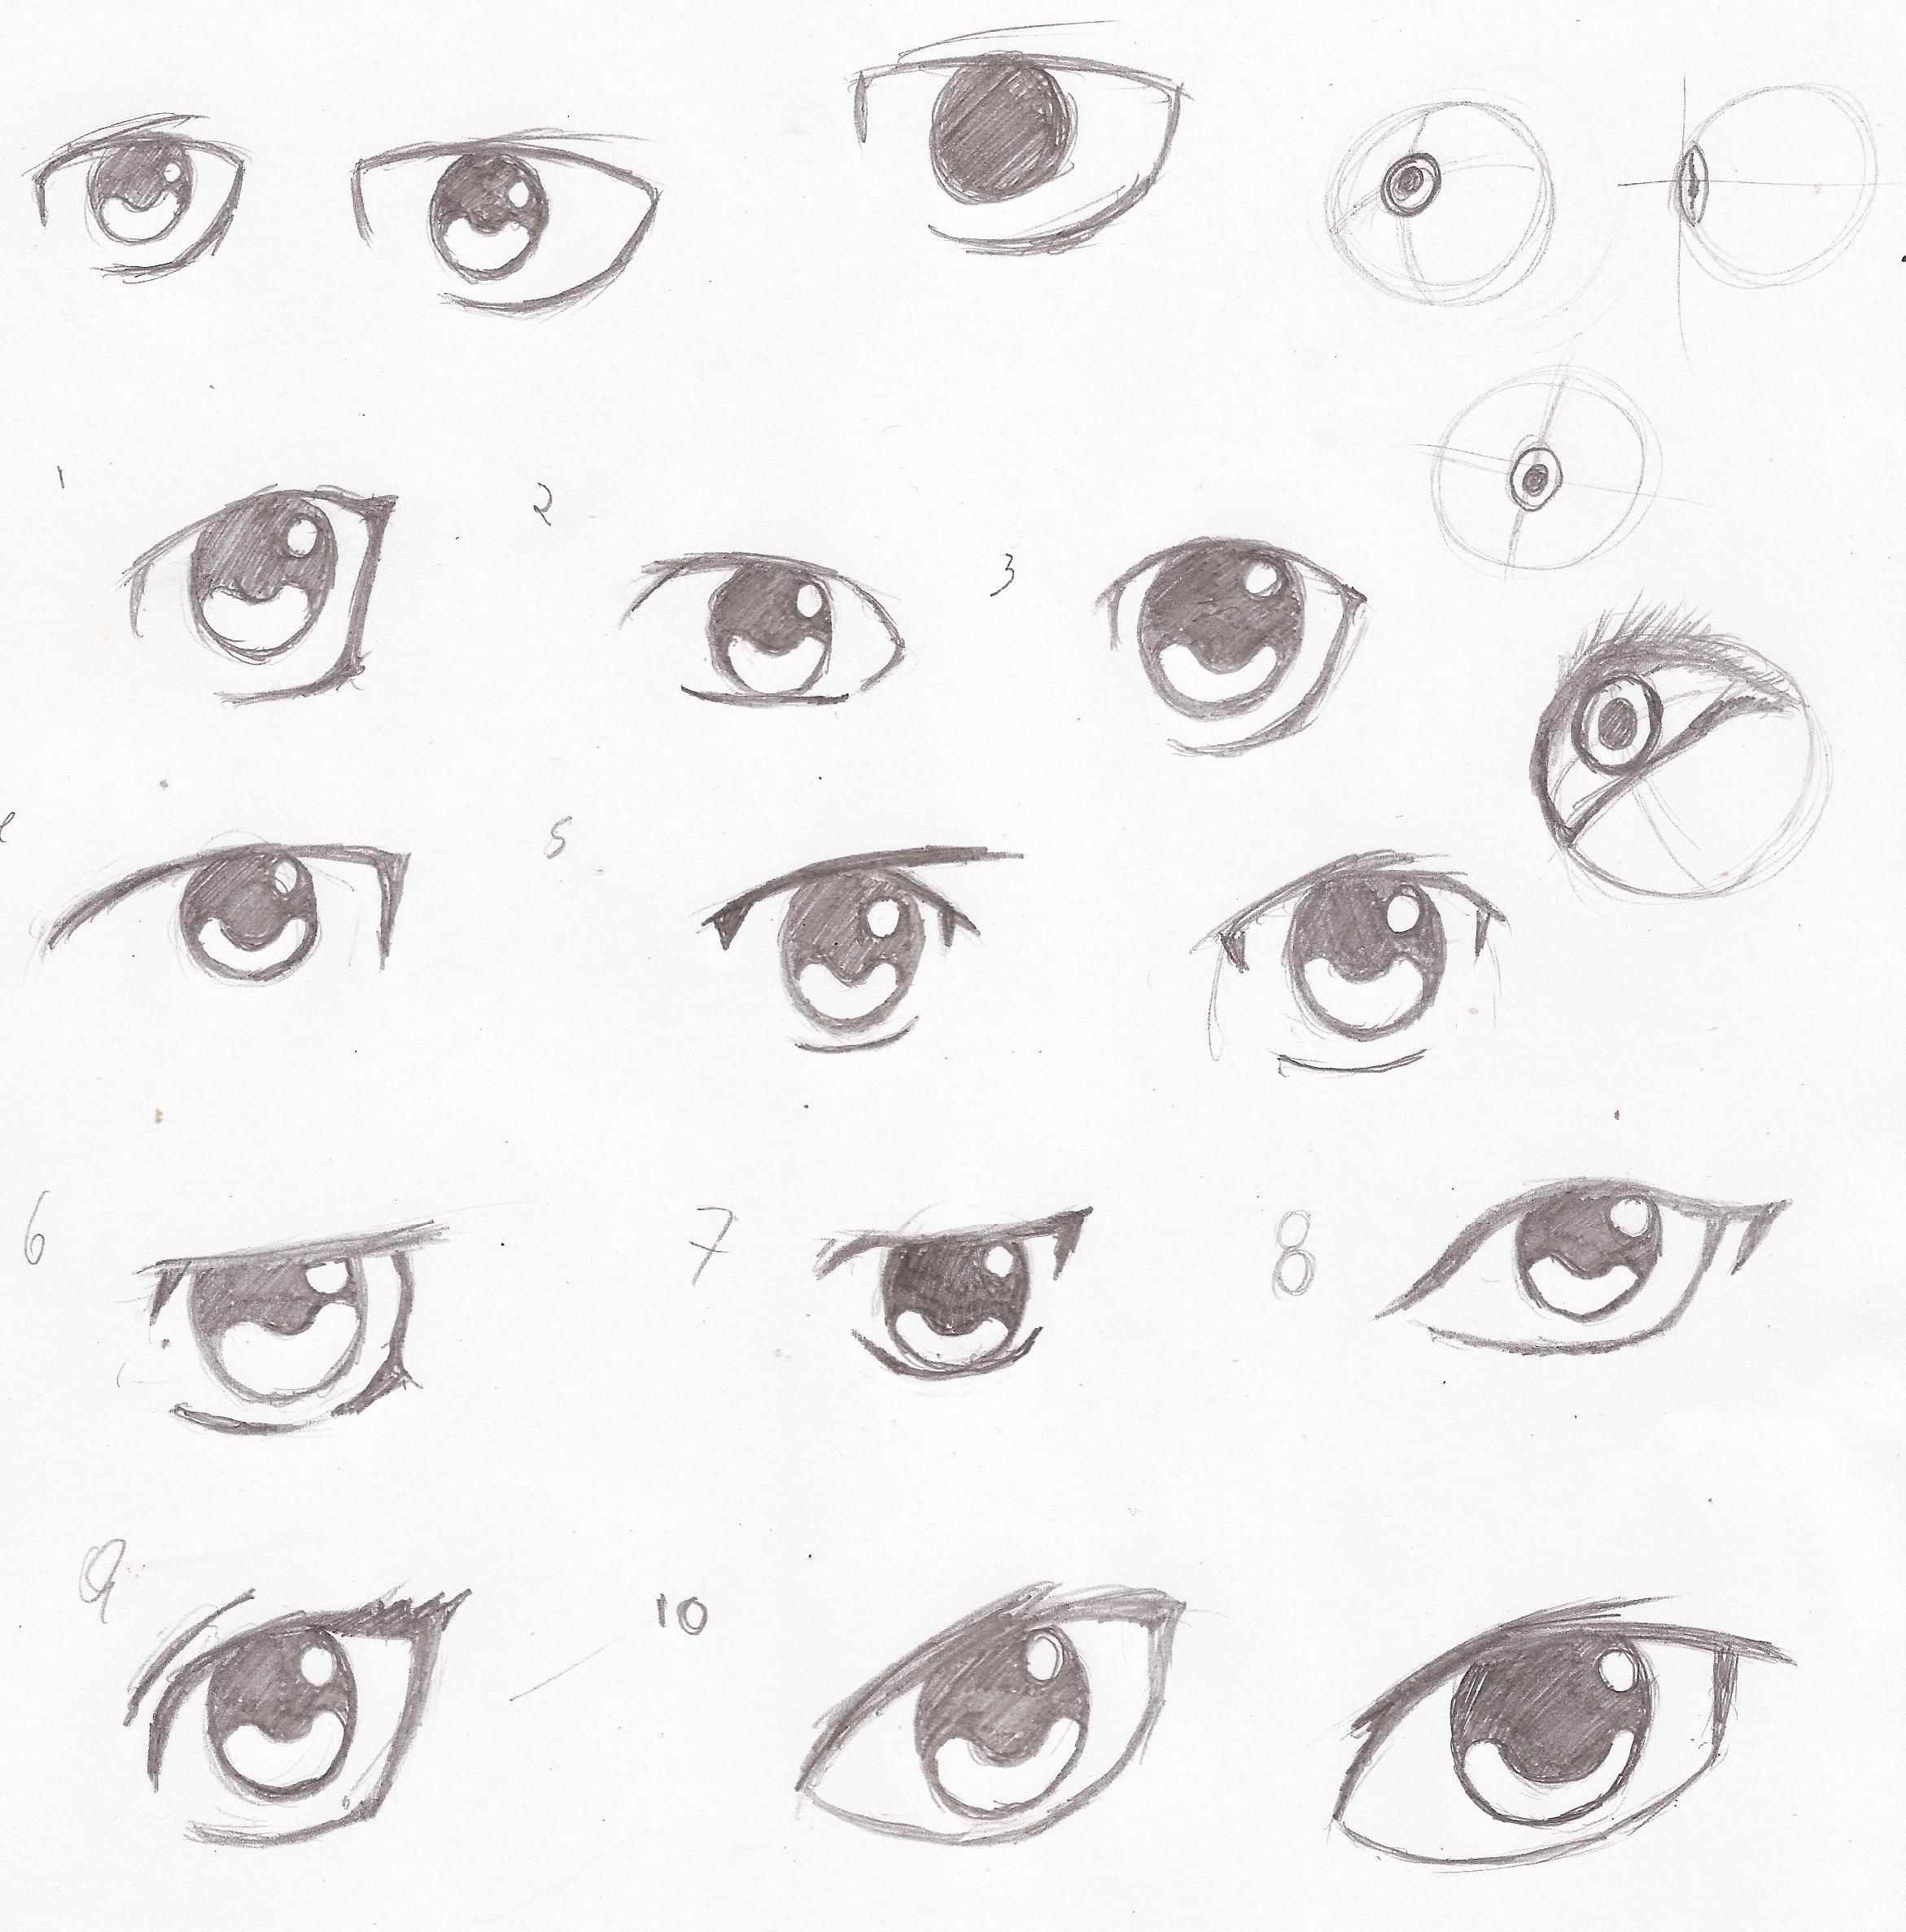 Aperfeiçoando olhos!